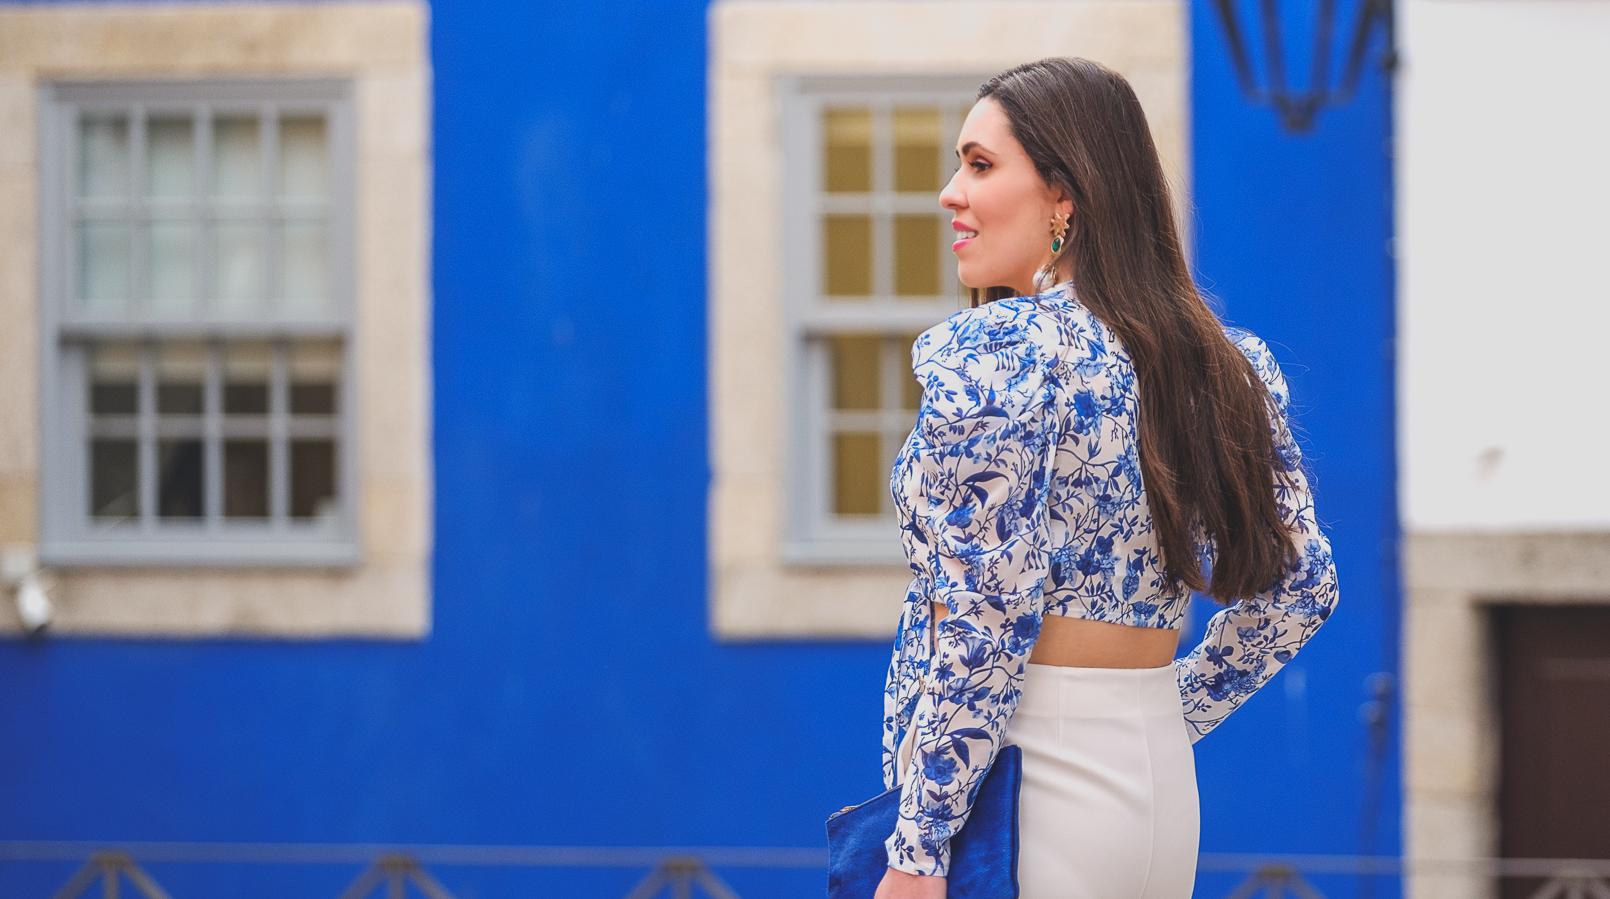 Le Fashionaire Lorna Luxe X In The Style: a minha peça favorita da coleção top estampado azulejo porcelana azul branco lorna luxe culottes brancos zara clutch azul majorelle pele sfera 6802F PT